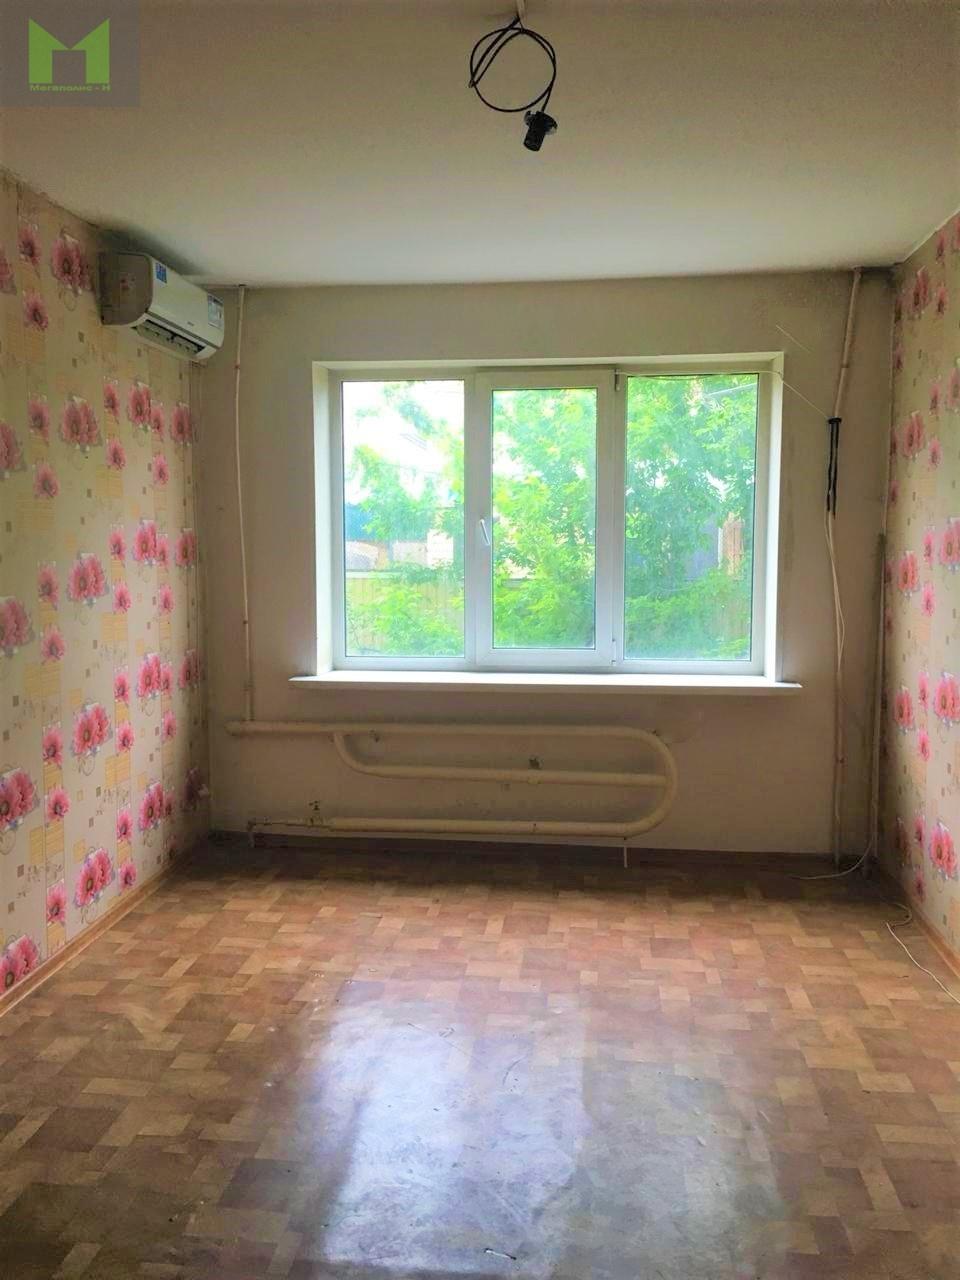 Фото: Продам квартиру в центре Уссурийска, расположена на 1 этаже кирпичного дома, в подъезде расположен Опорный пункт полиции